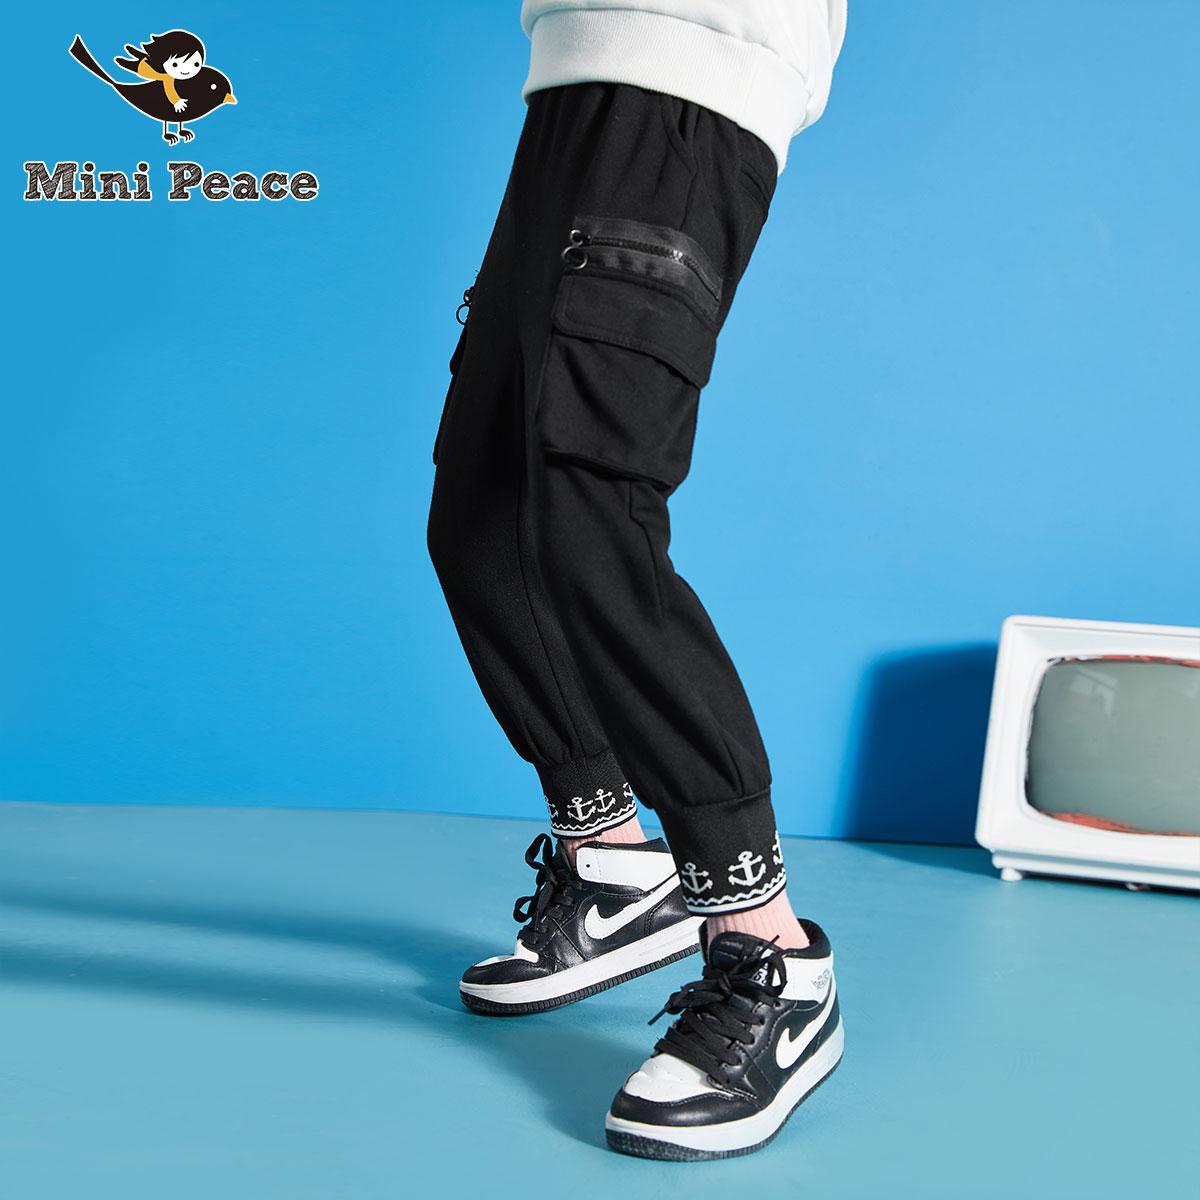 minipeace太平鸟童装男童黑色工装裤春秋新款儿童针织休闲长裤潮,降价幅度41.1%